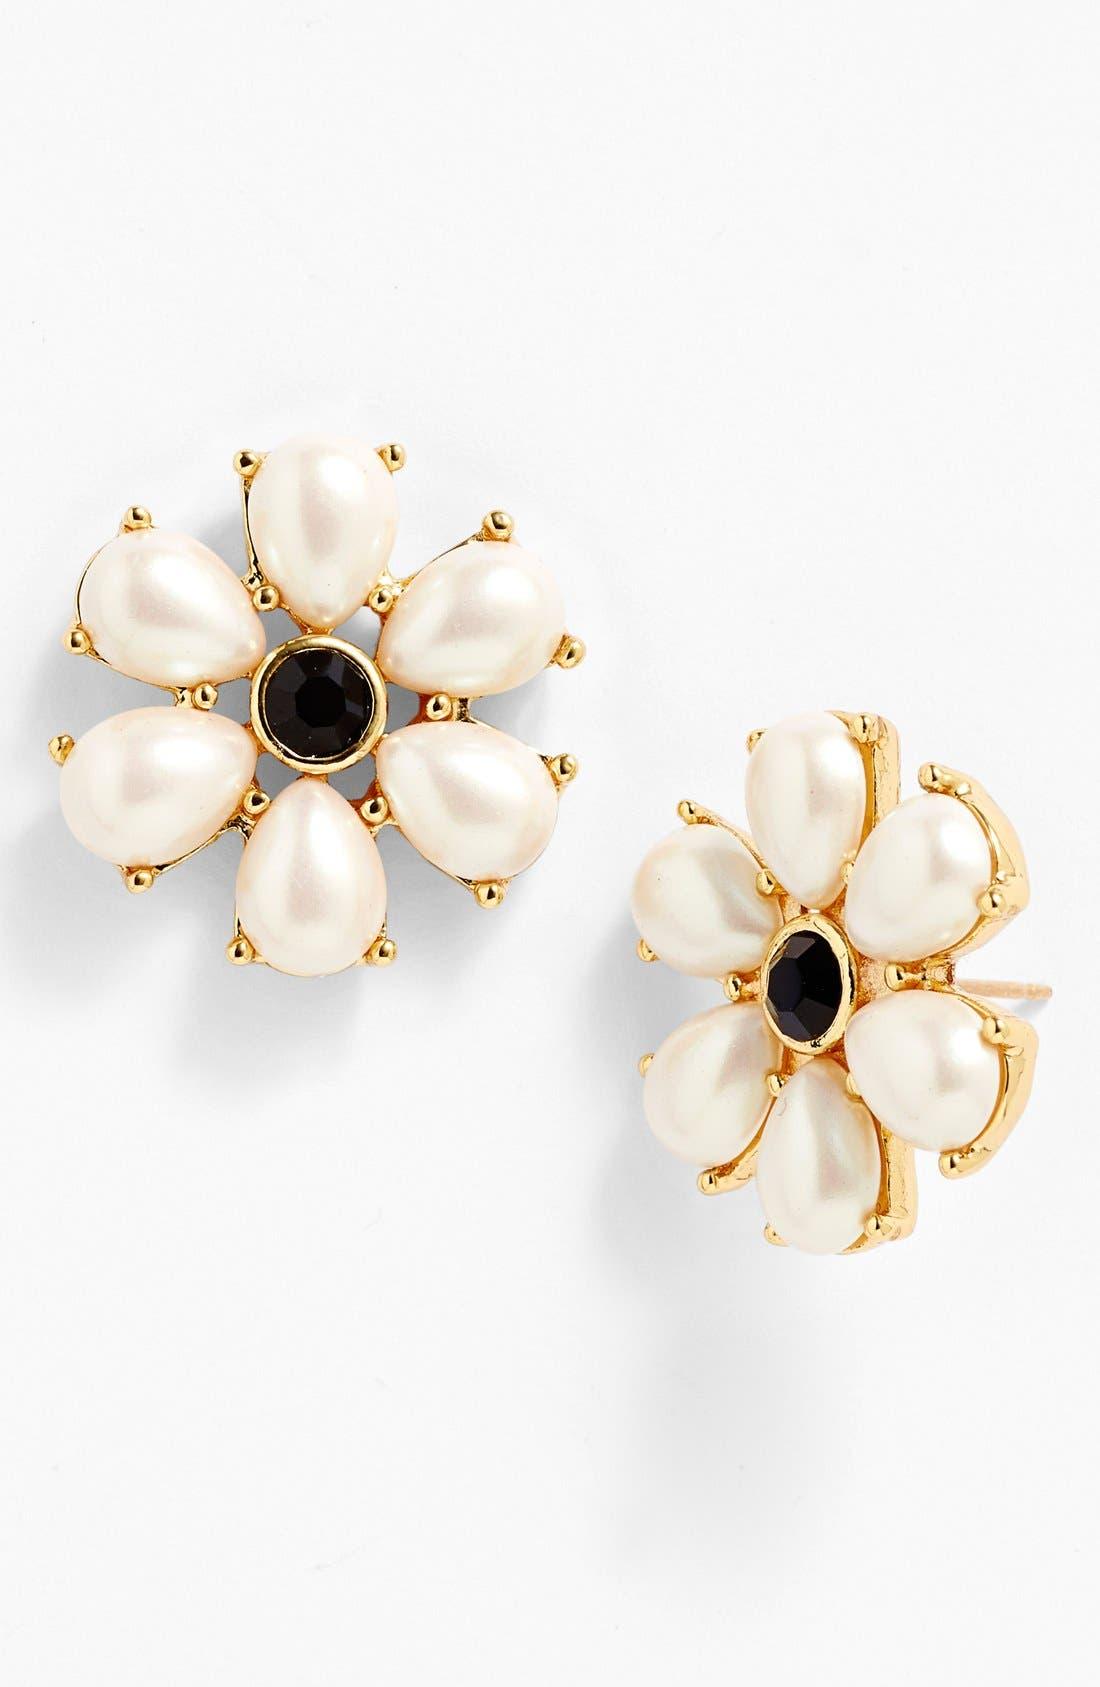 Alternate Image 1 Selected - kate spade new york 'lady antoinette' stud earrings